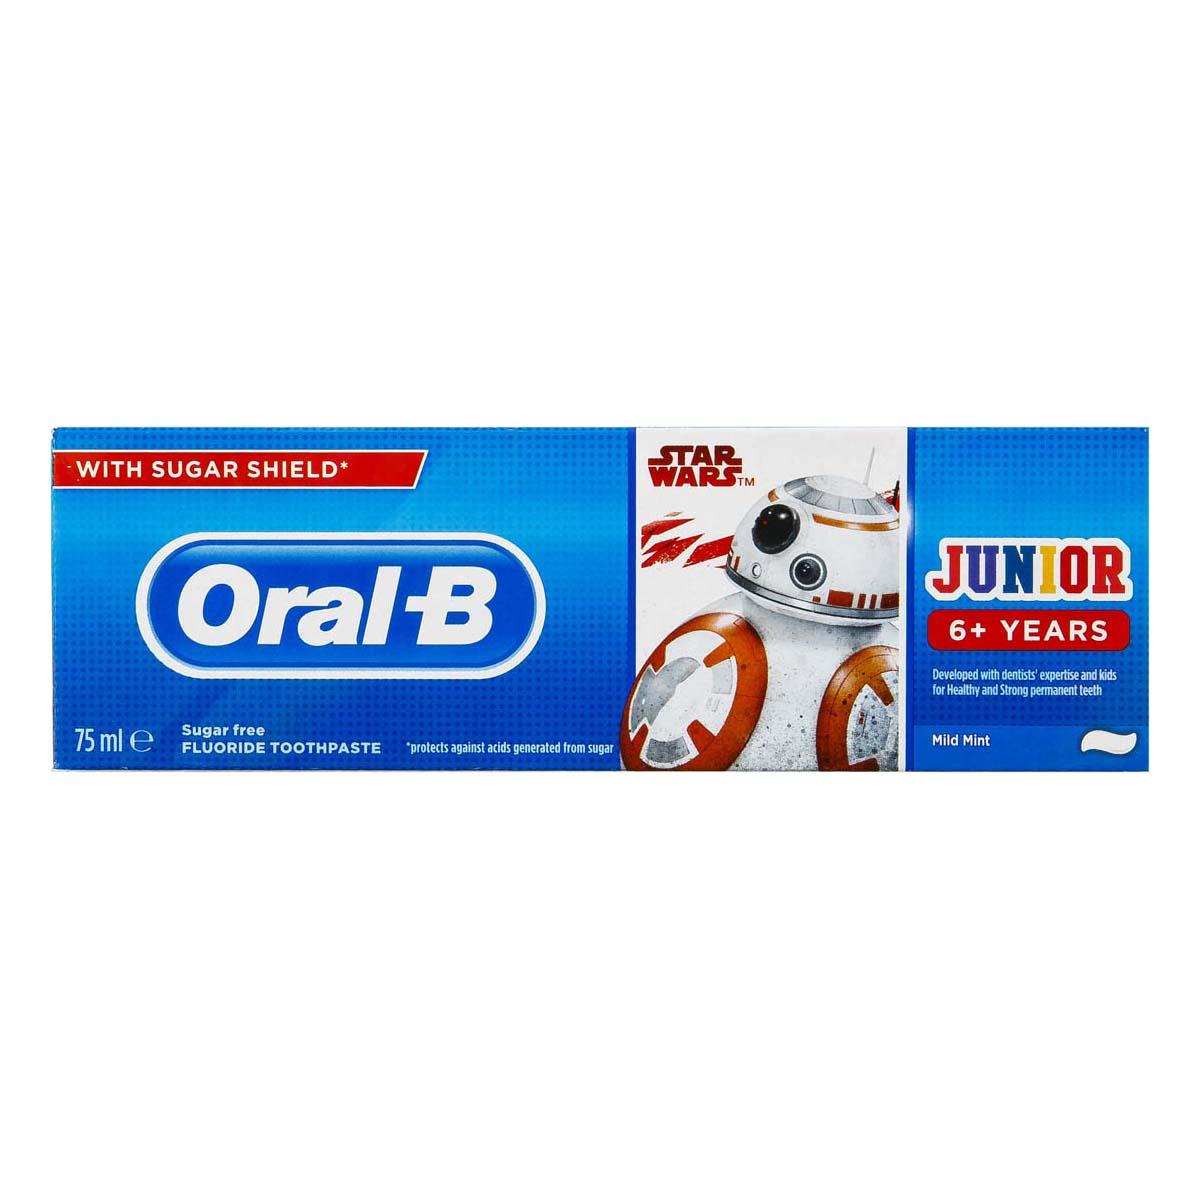 خمیر دندان اورال-بی سری Junior +6 years مدل Star wars حجم 75 میلی لیتر